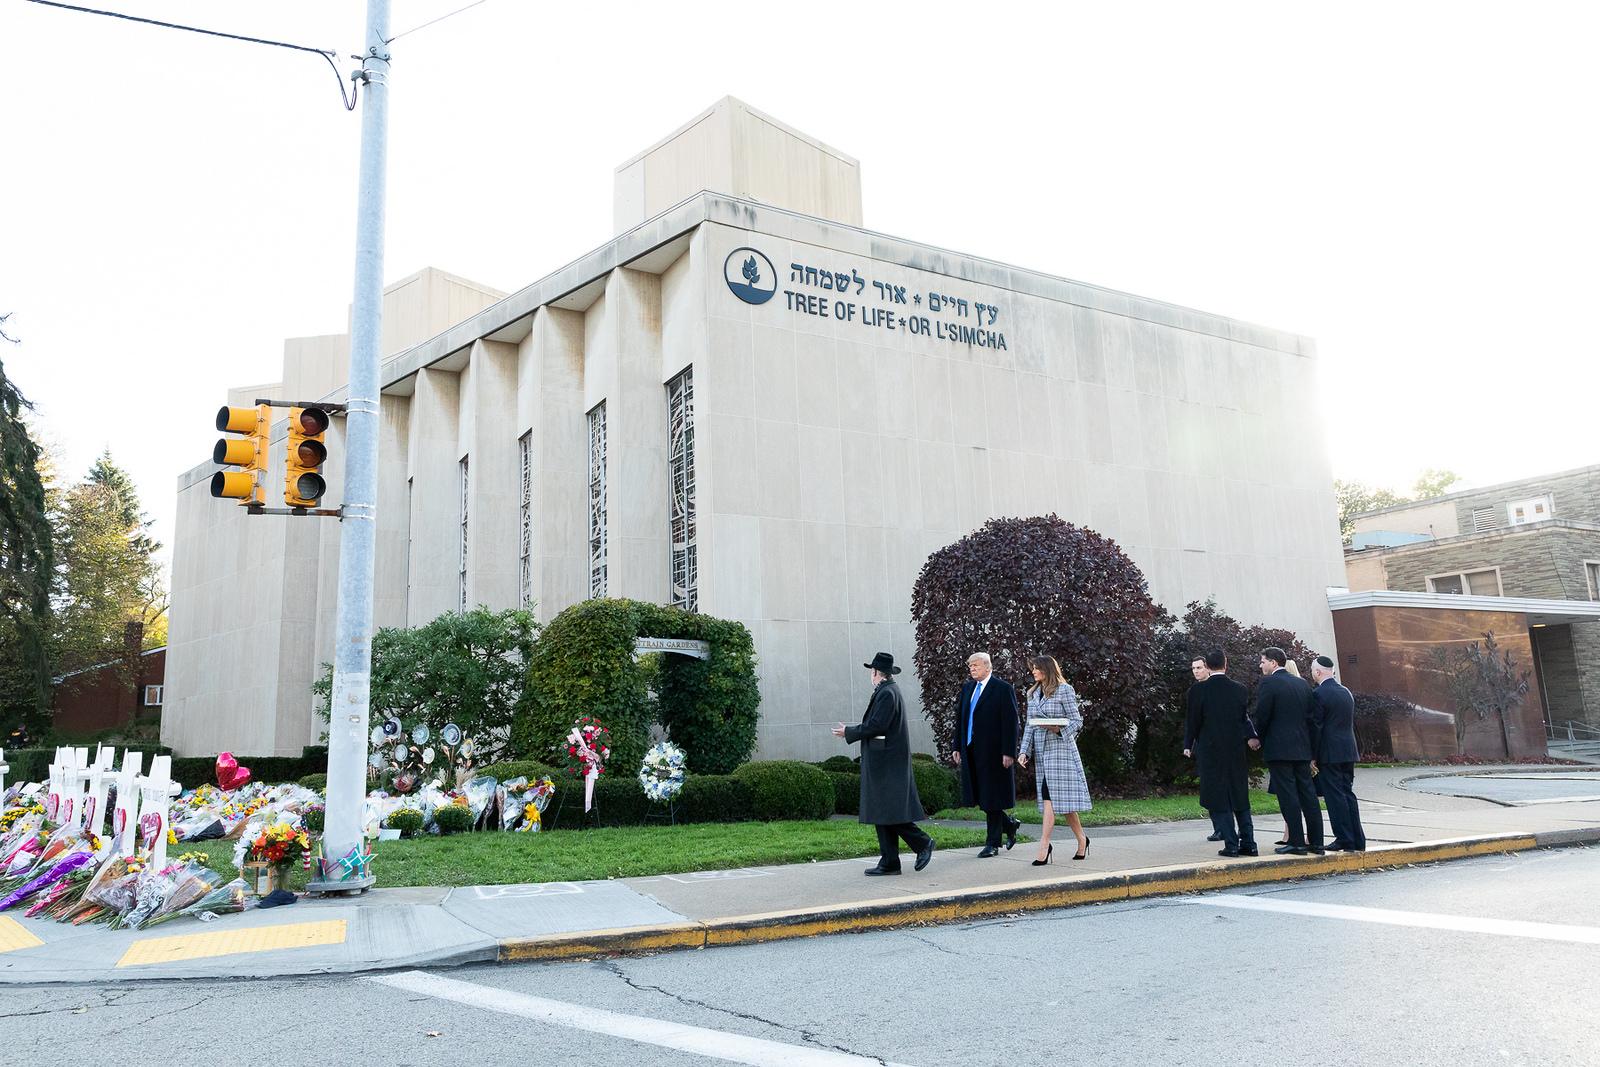 El enfermero judío que salvó al francotirador de Pittsburgh: